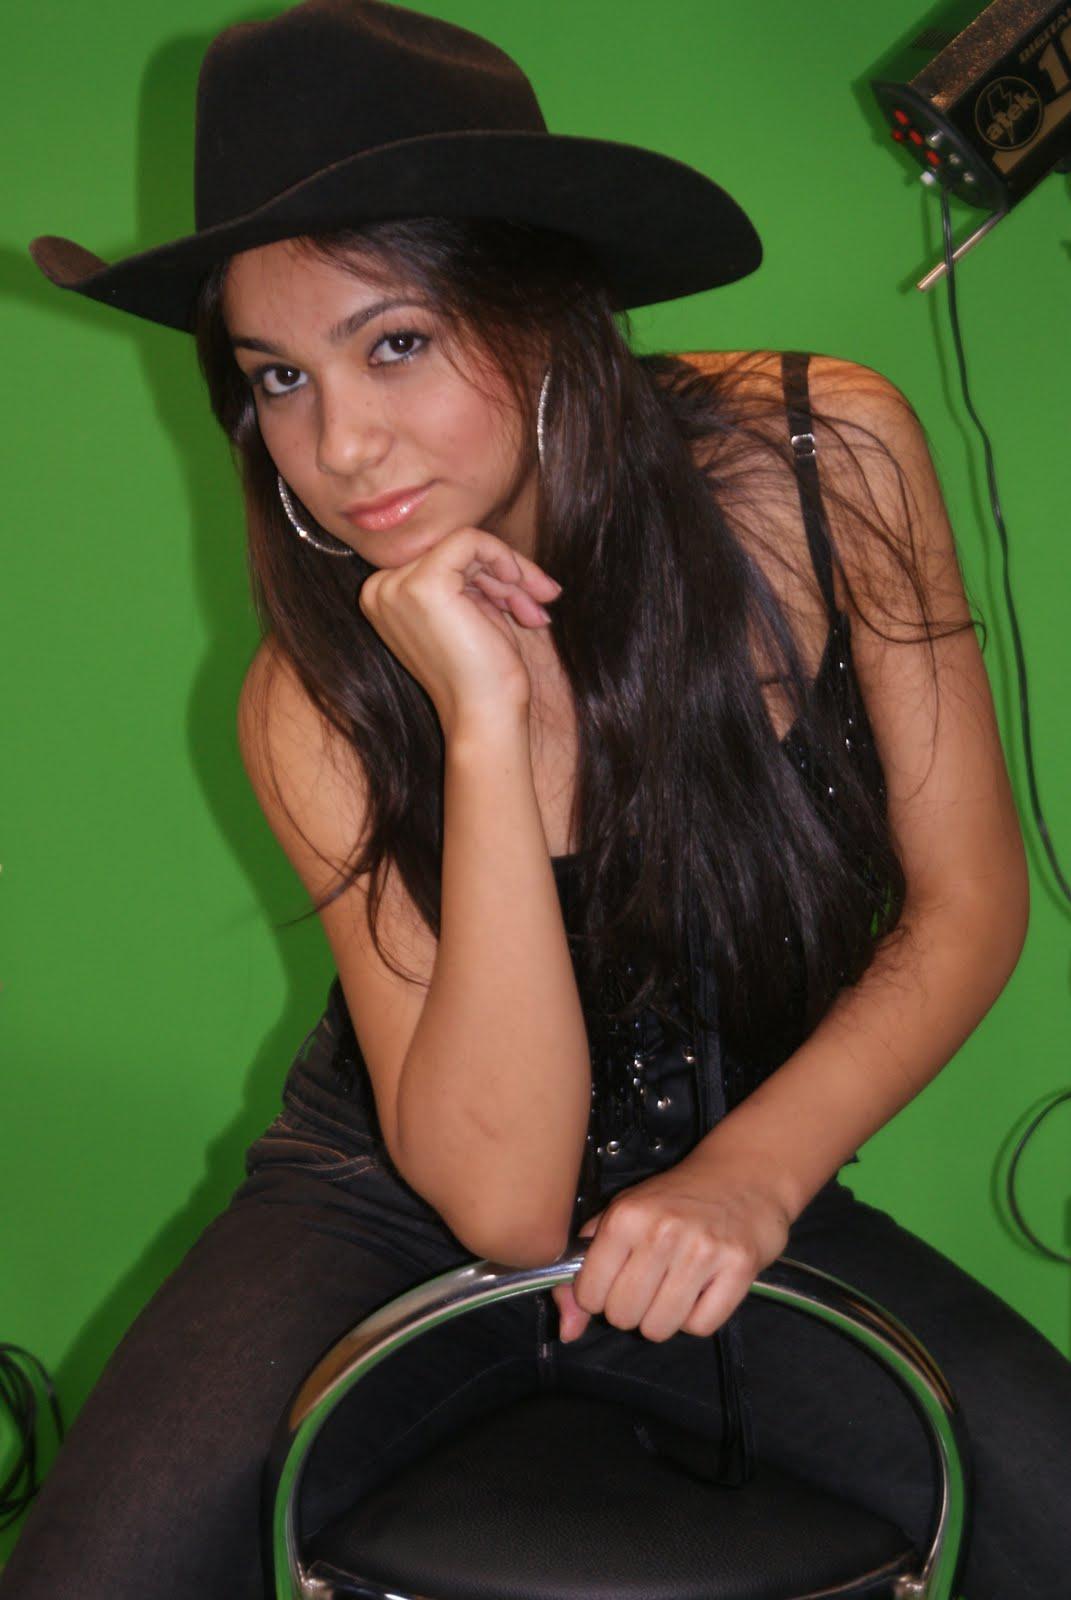 http://2.bp.blogspot.com/_JzOOXhslMgo/TG1hCUtF91I/AAAAAAAABJs/AZg9Iu3hAfQ/s1600/DSC03561.JPG